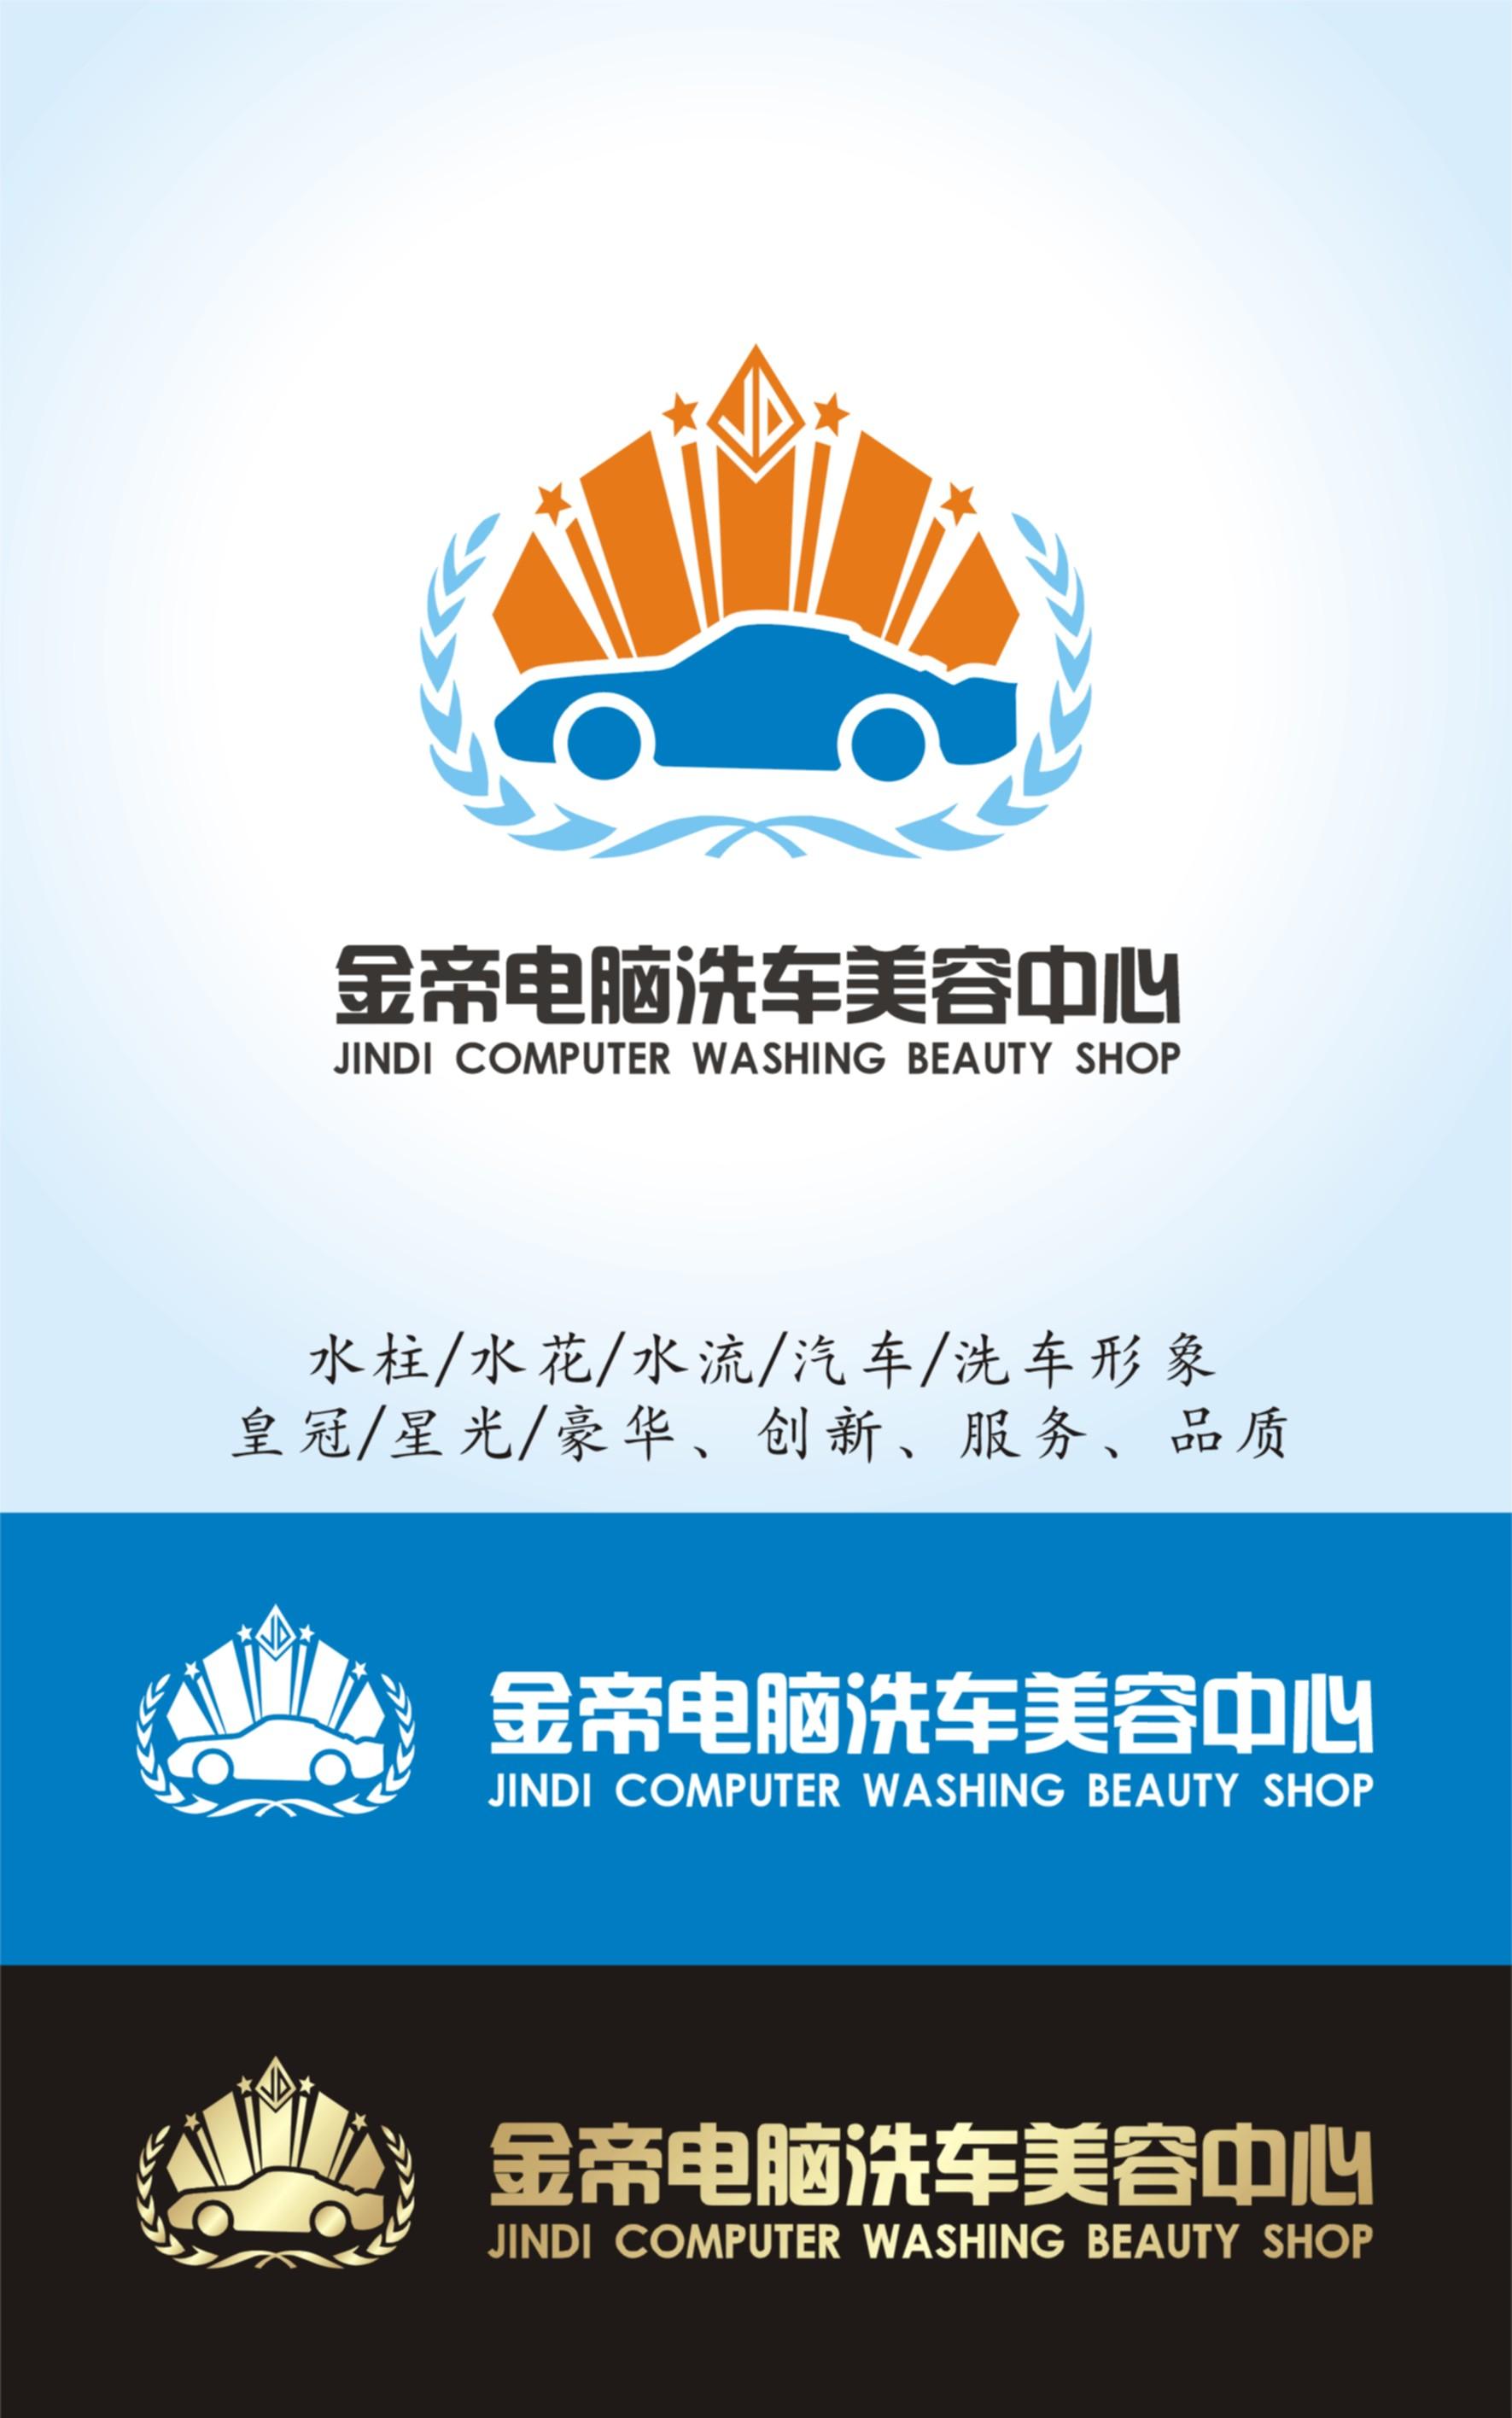 金帝电脑洗车美容中心logo设计